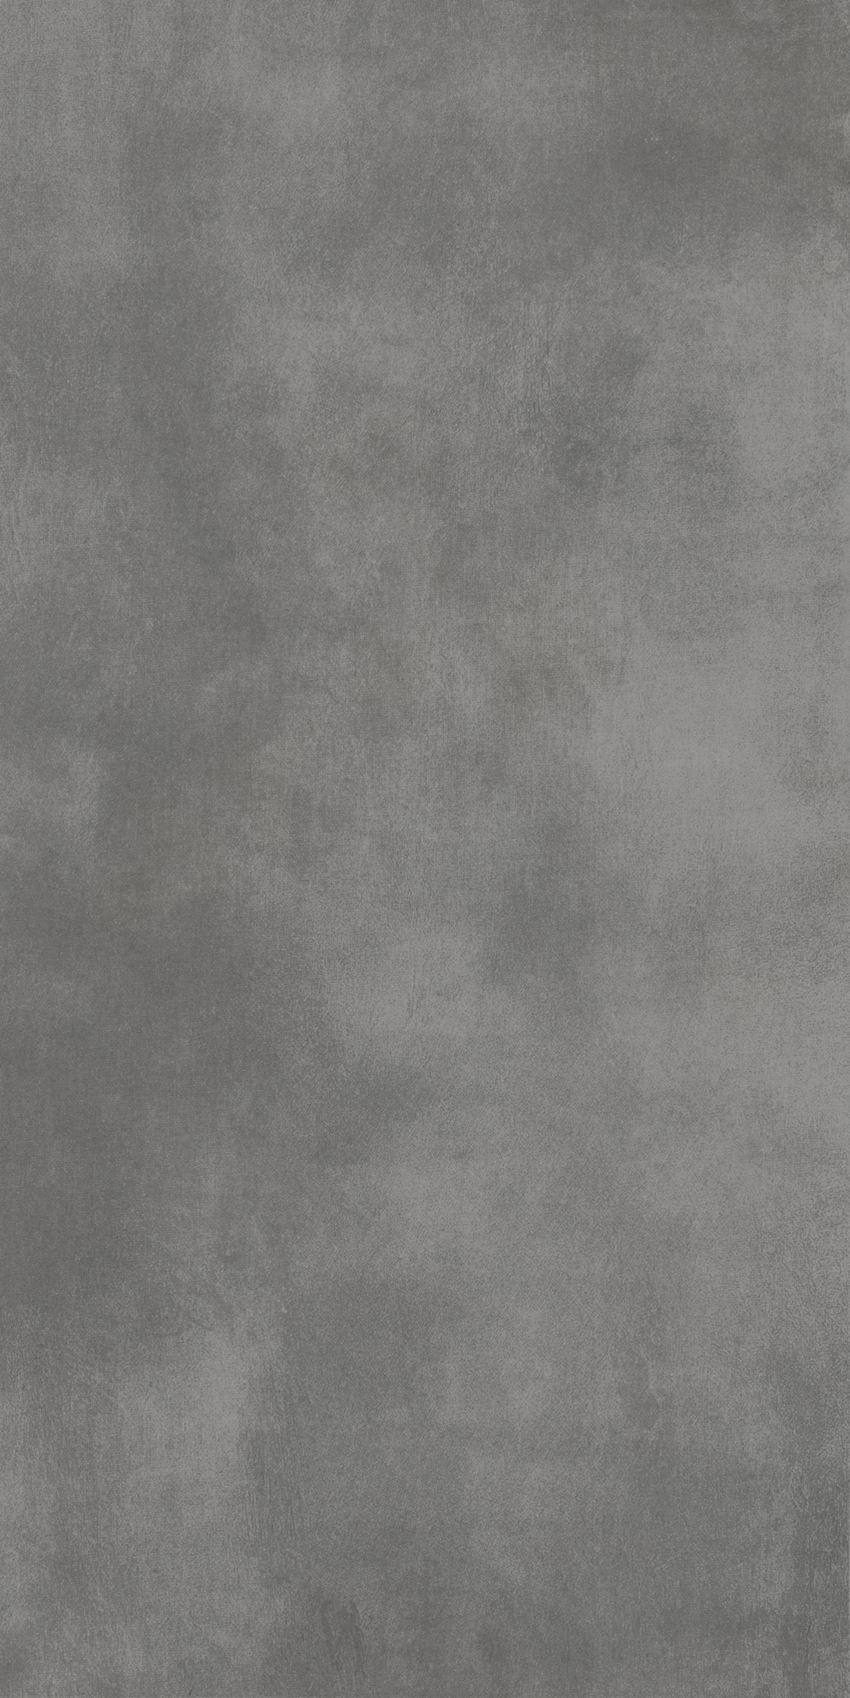 Płytka uniwersalna 29,8x59,8 cm Paradyż Tecniq Grafit Gres Szkl. Rekt. Mat.